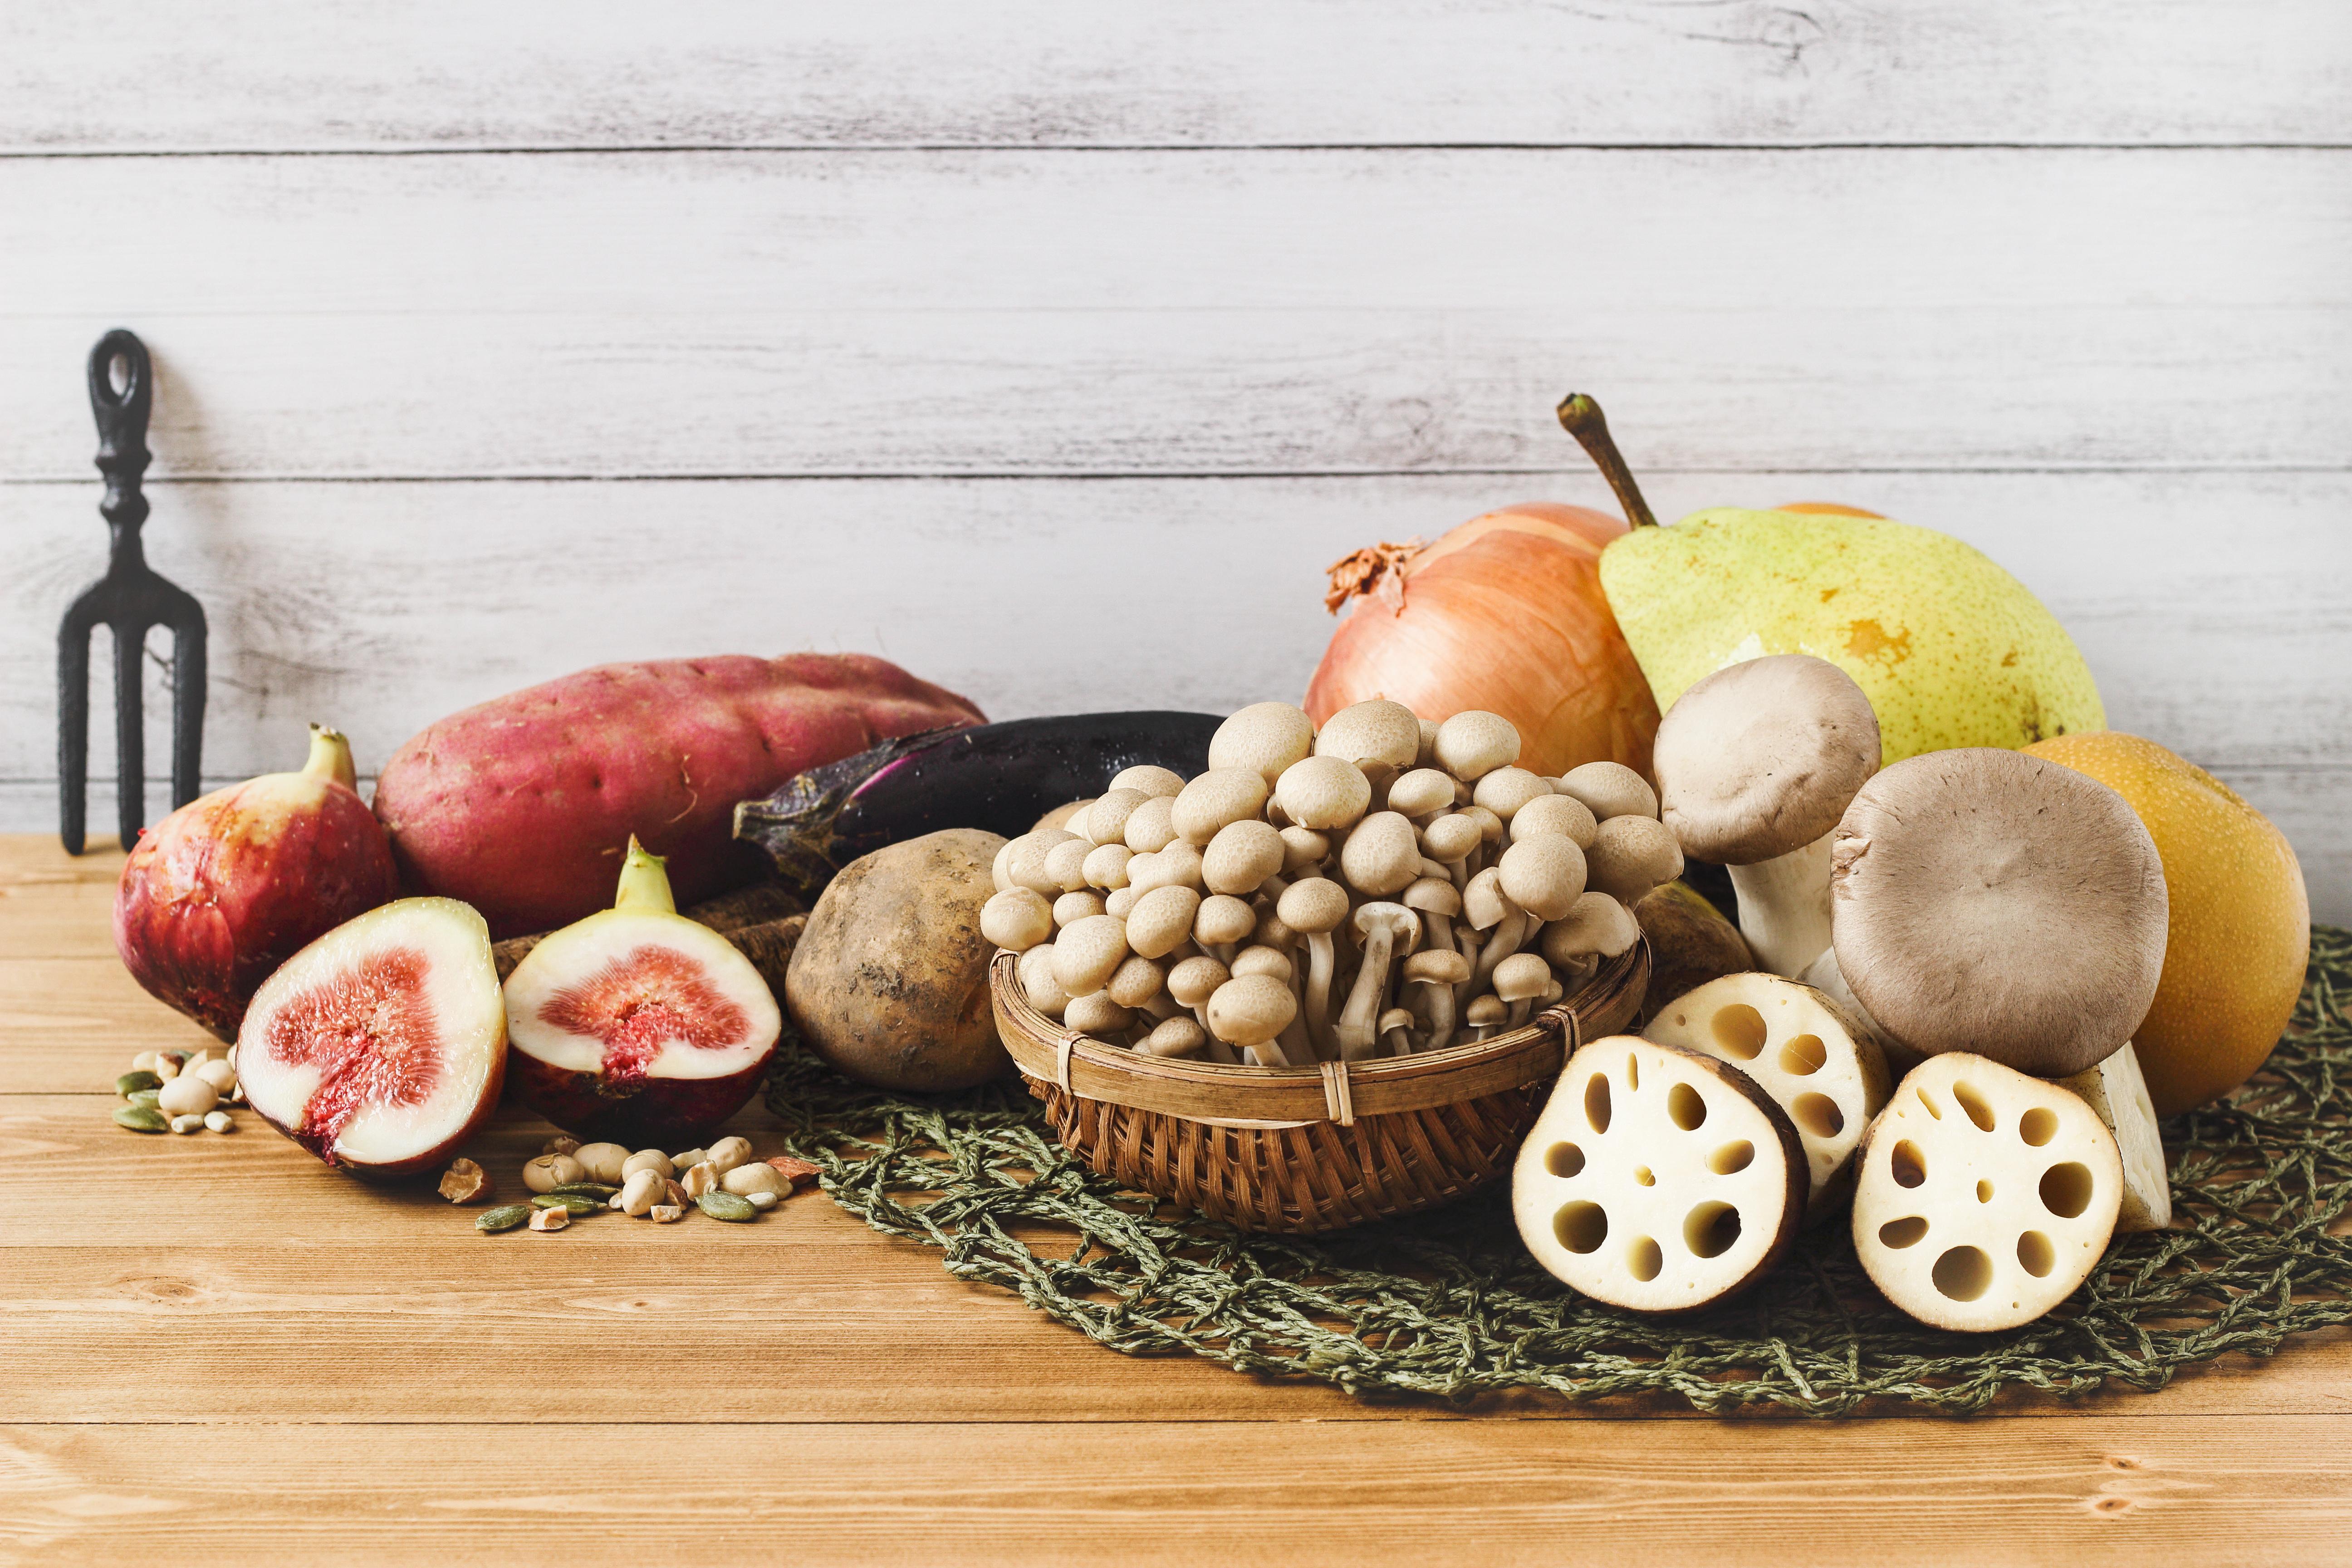 旬のデータ 秋の野菜